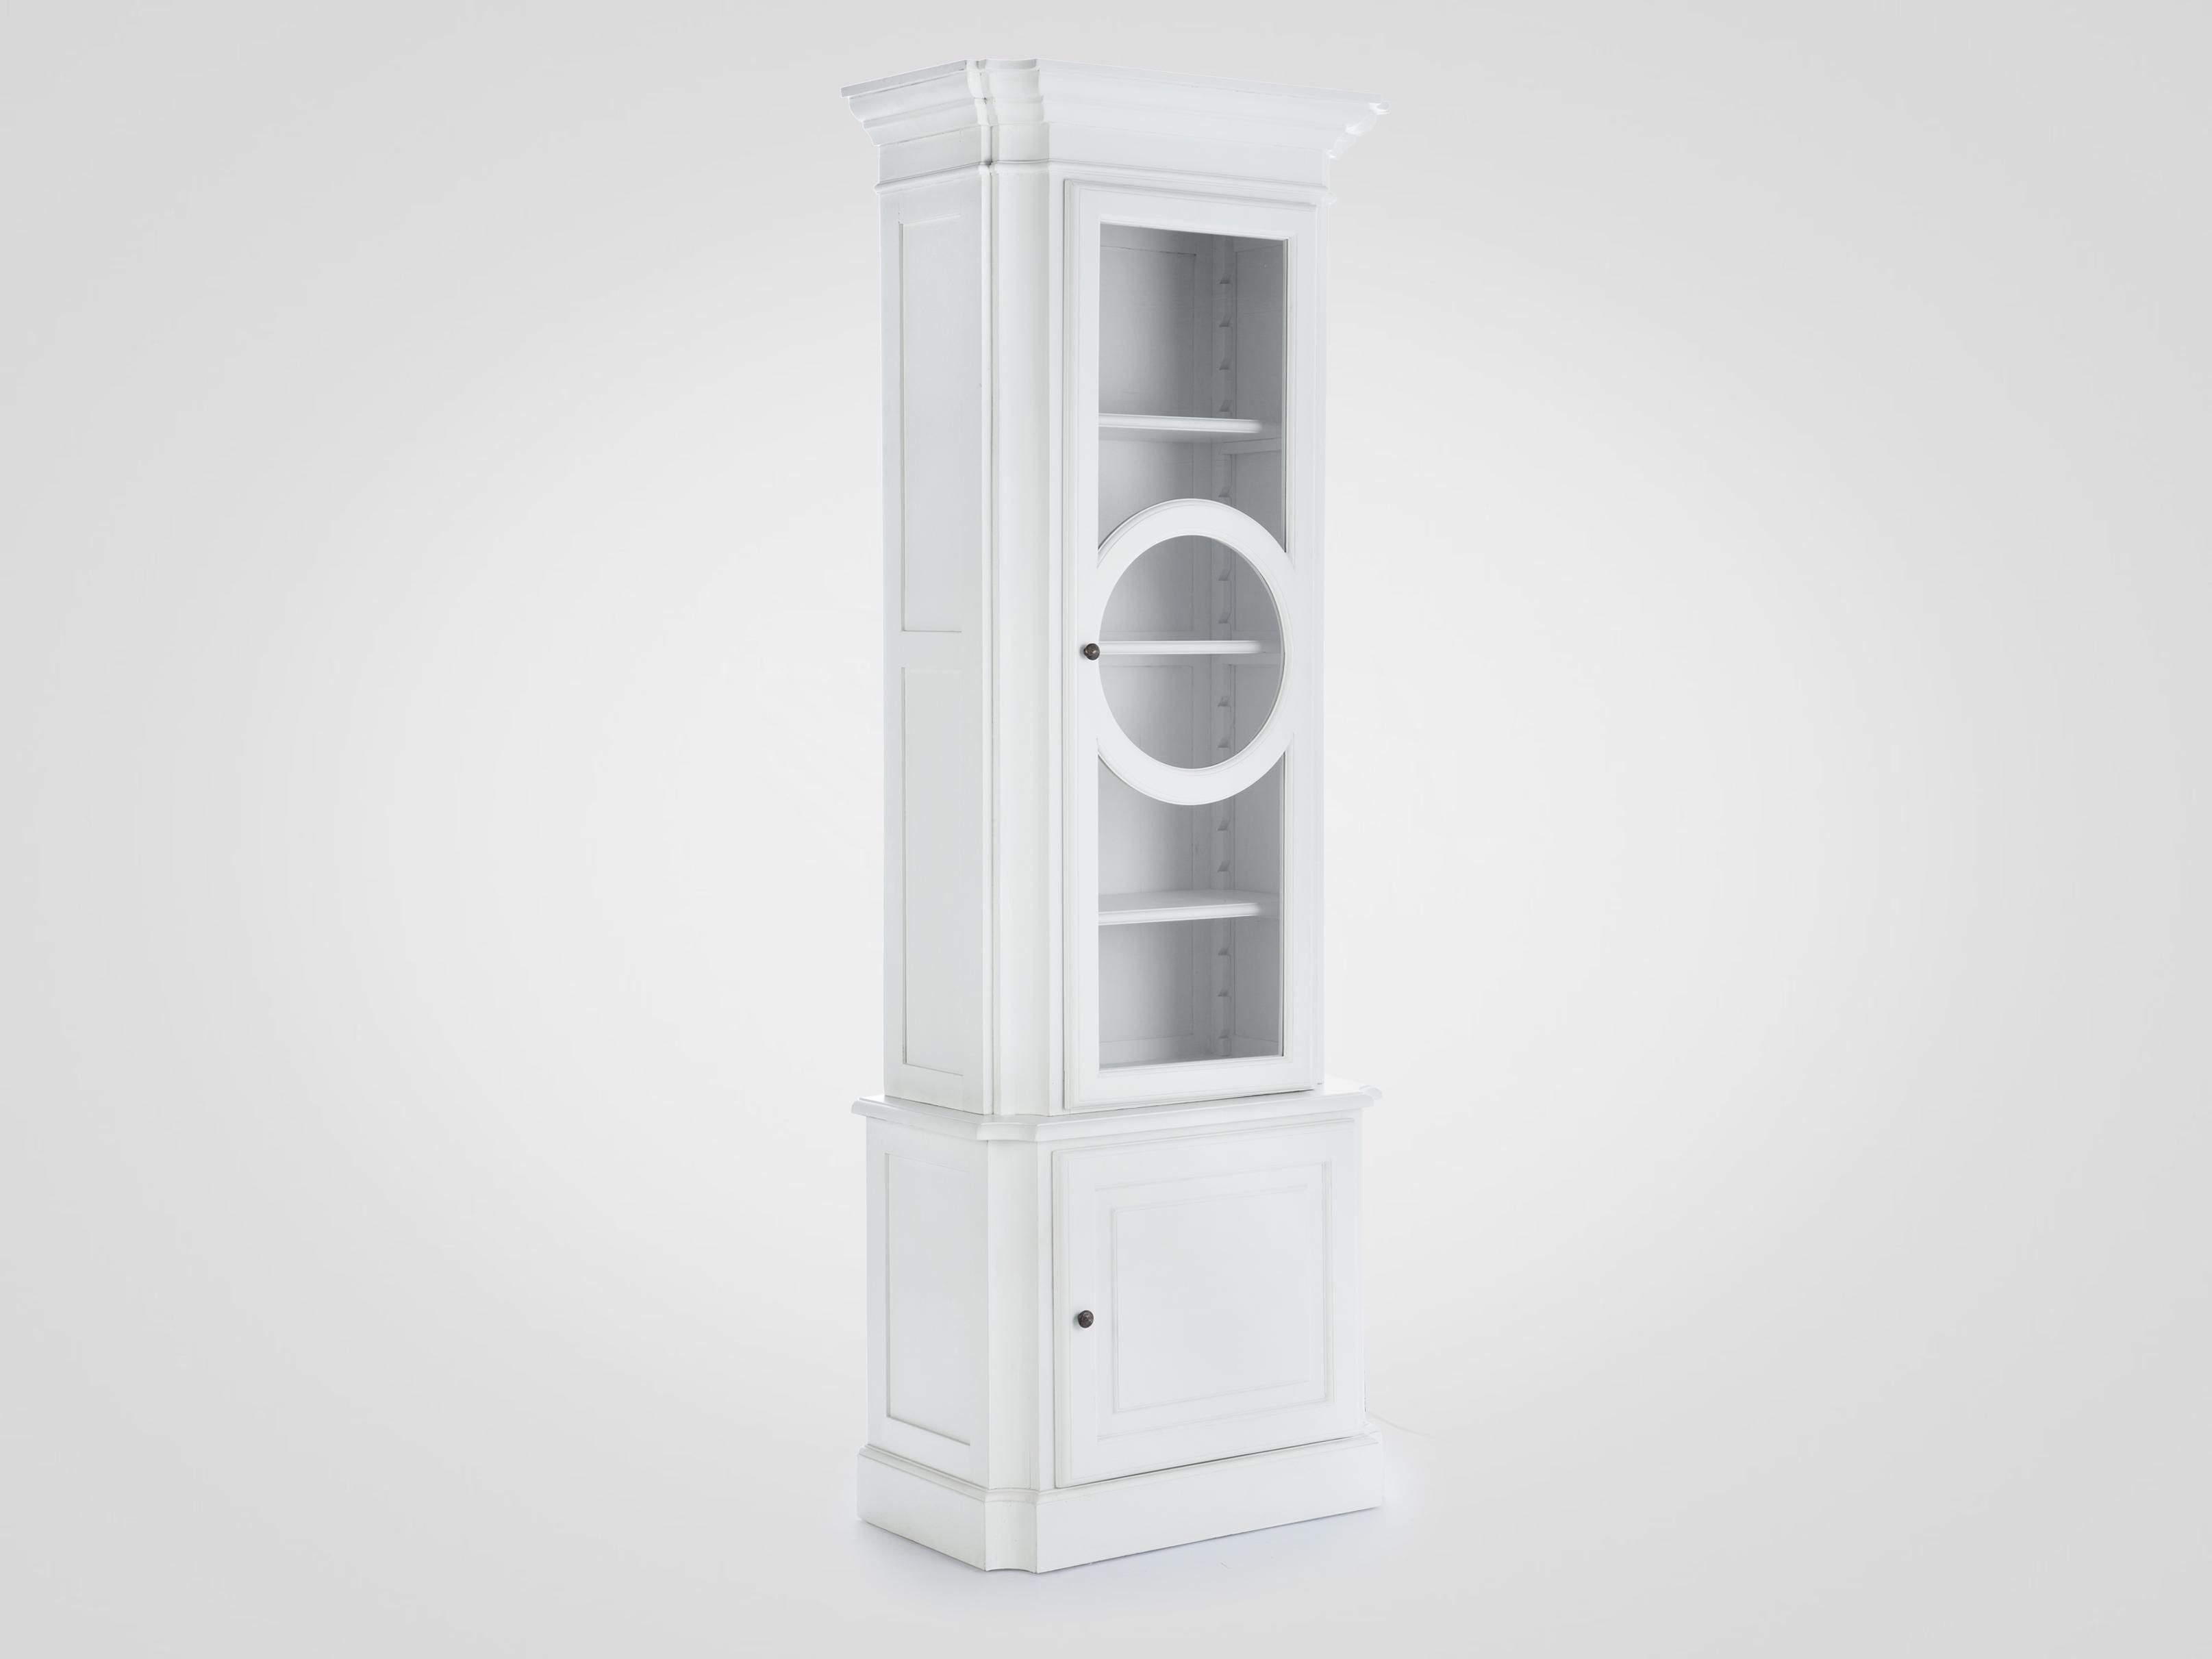 Купить Витрина из массива березы с декорированной дверцей 230х82х45 см, inmyroom, Нидерланды